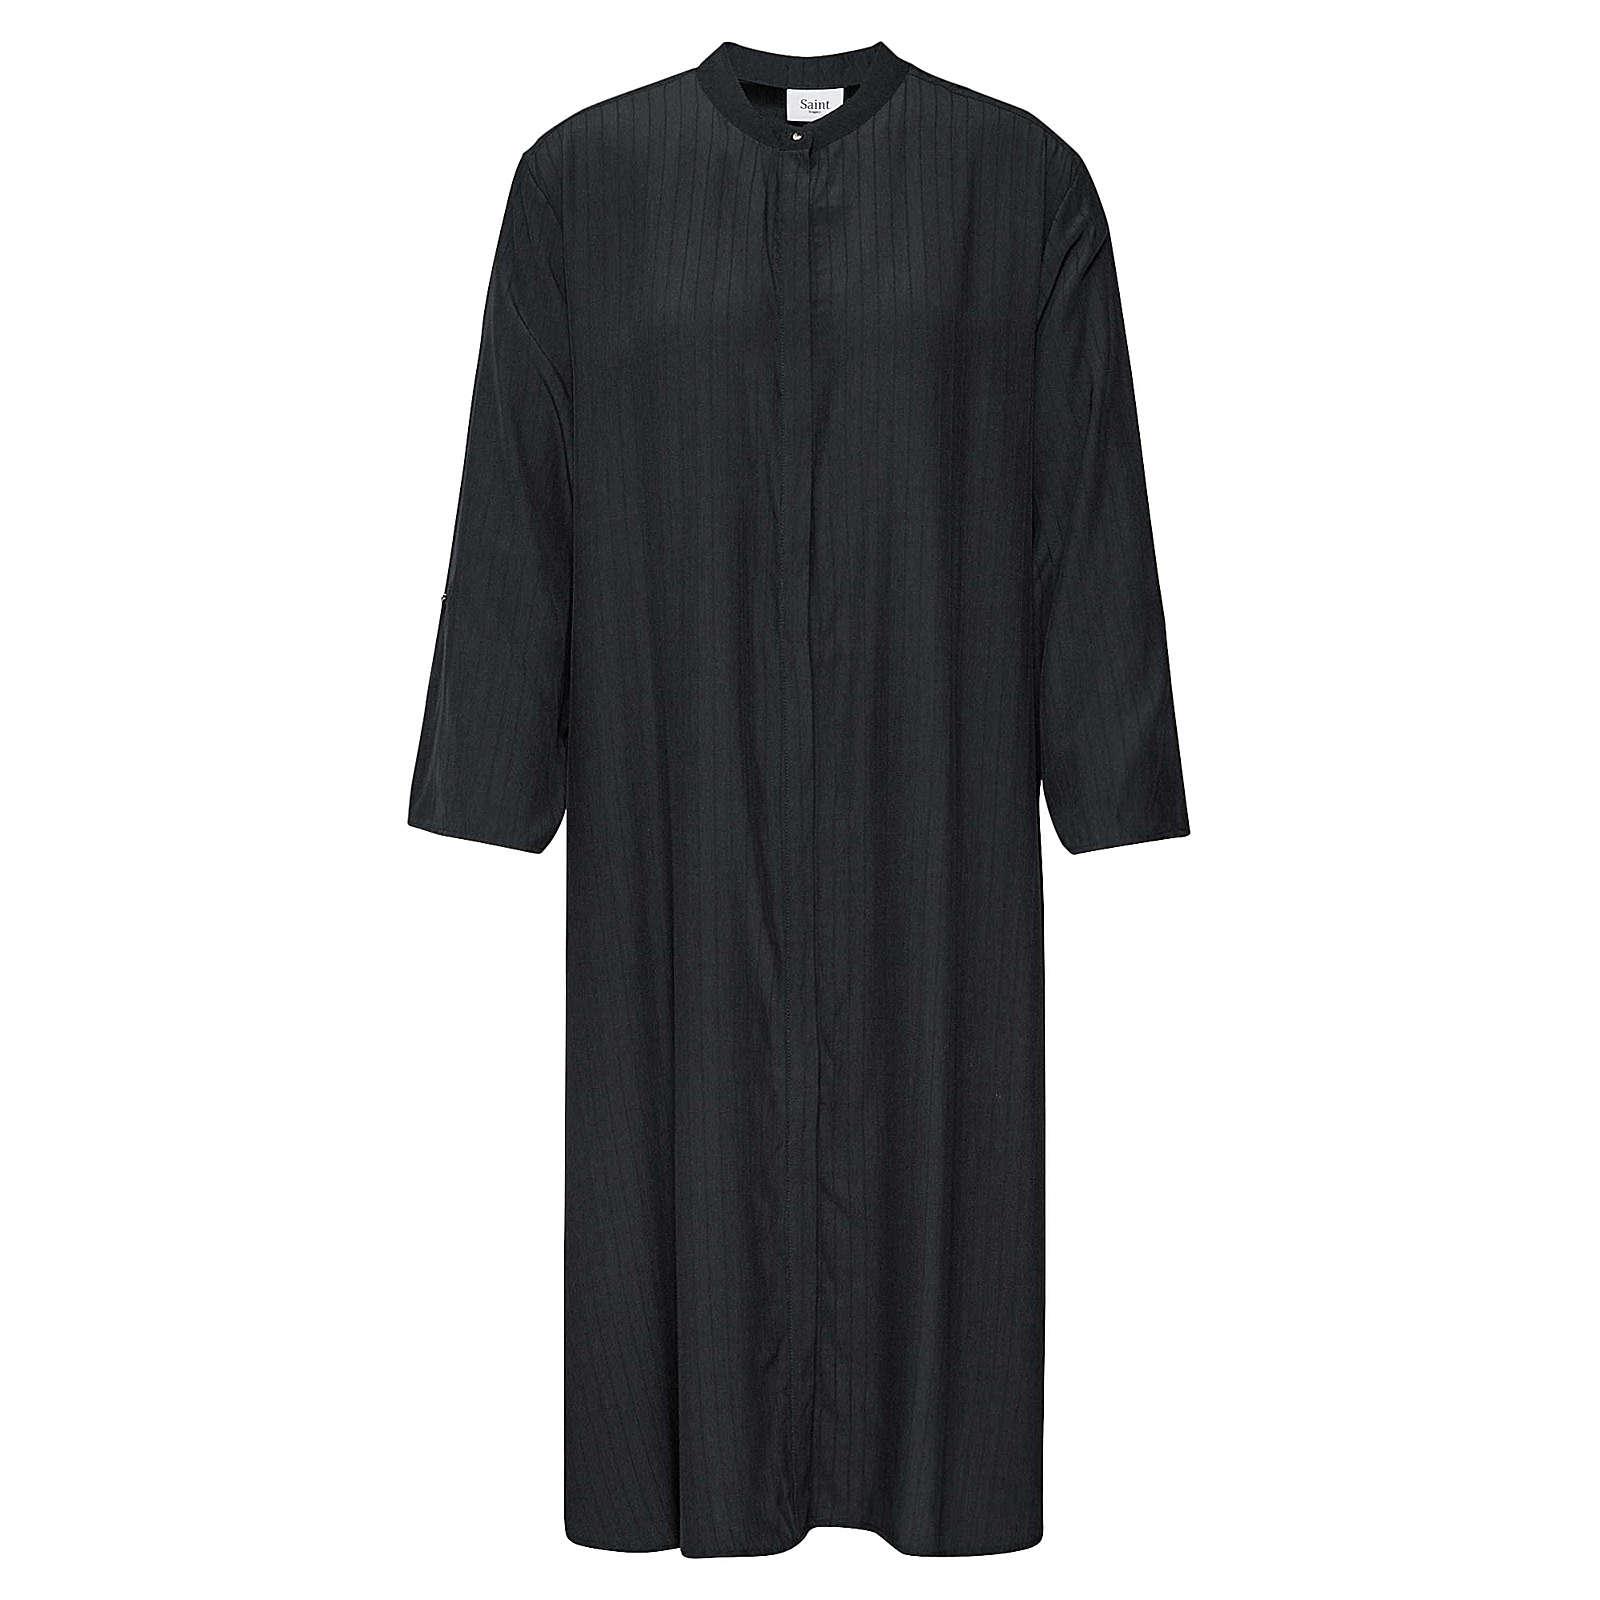 SAINT TROPEZ Blusenkleid WOVEN UNDER Blusenkleider schwarz Damen Gr. 40